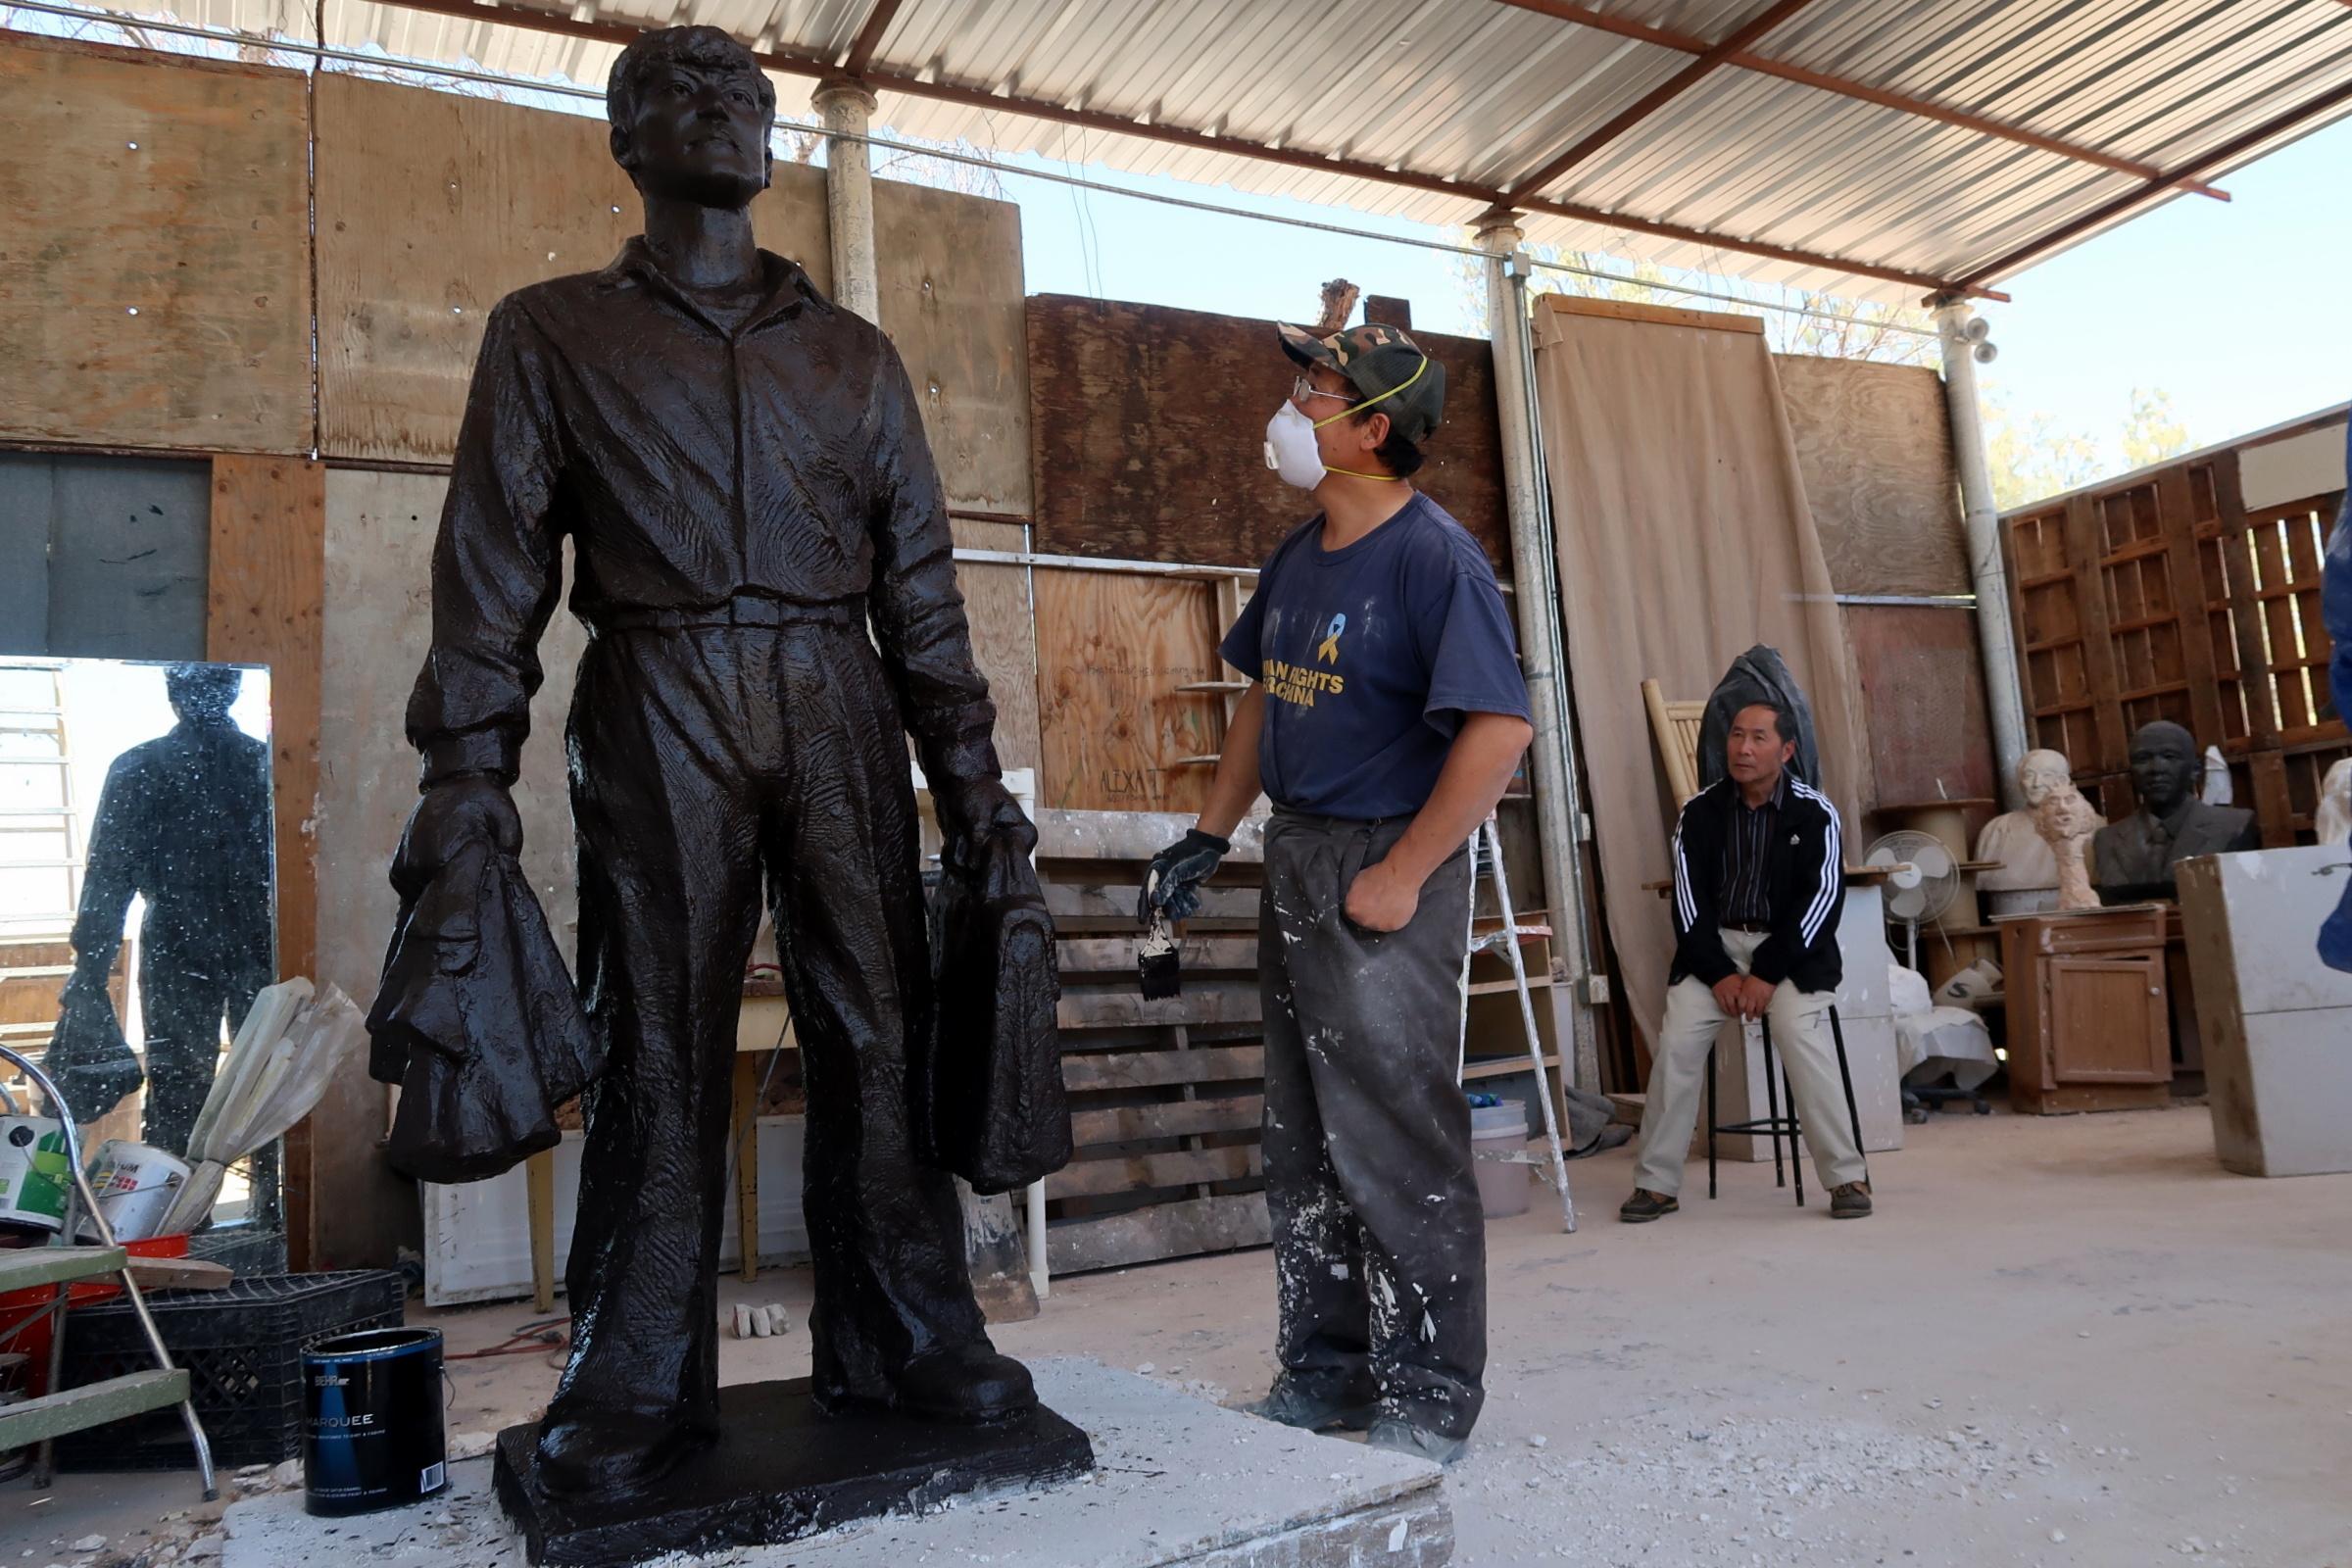 六四雕塑家陳維明創作的全球首座「王維林擋坦克」雕塑預計於「六四」紀念日在美國洛杉磯「自由雕塑公園」與觀眾見面。(徐繡惠/大紀元)